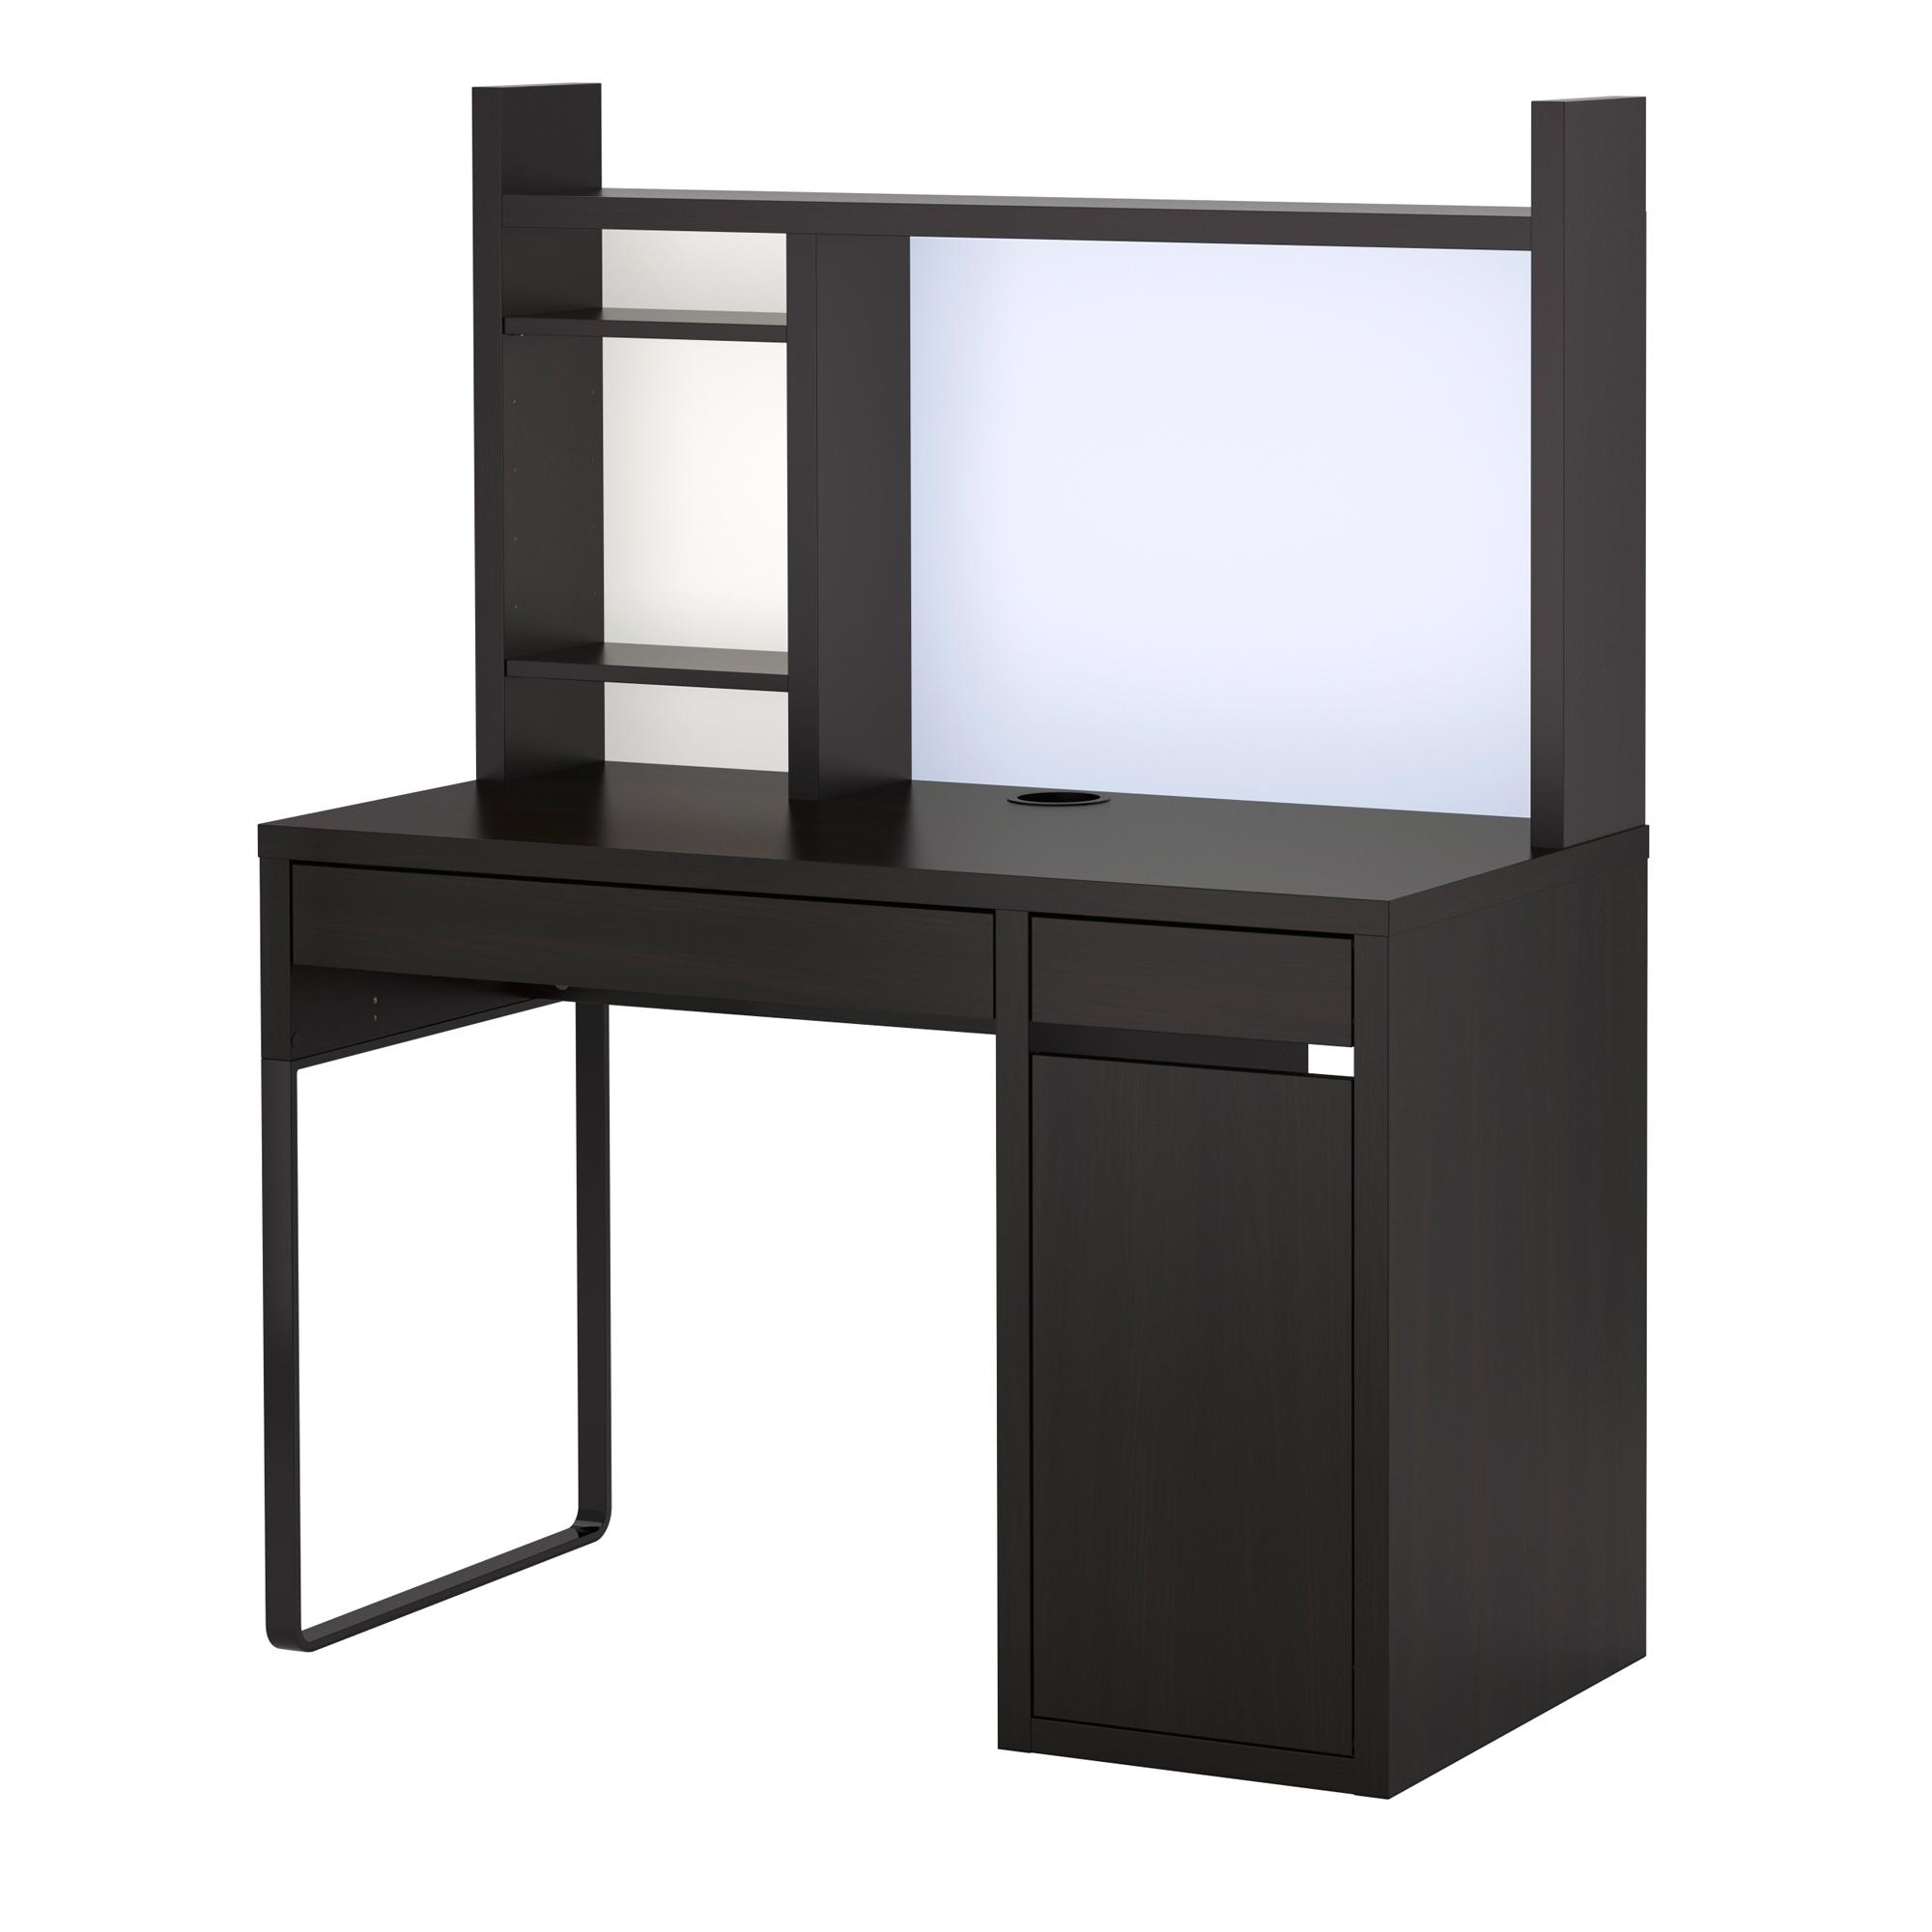 micke workstation. Black Bedroom Furniture Sets. Home Design Ideas